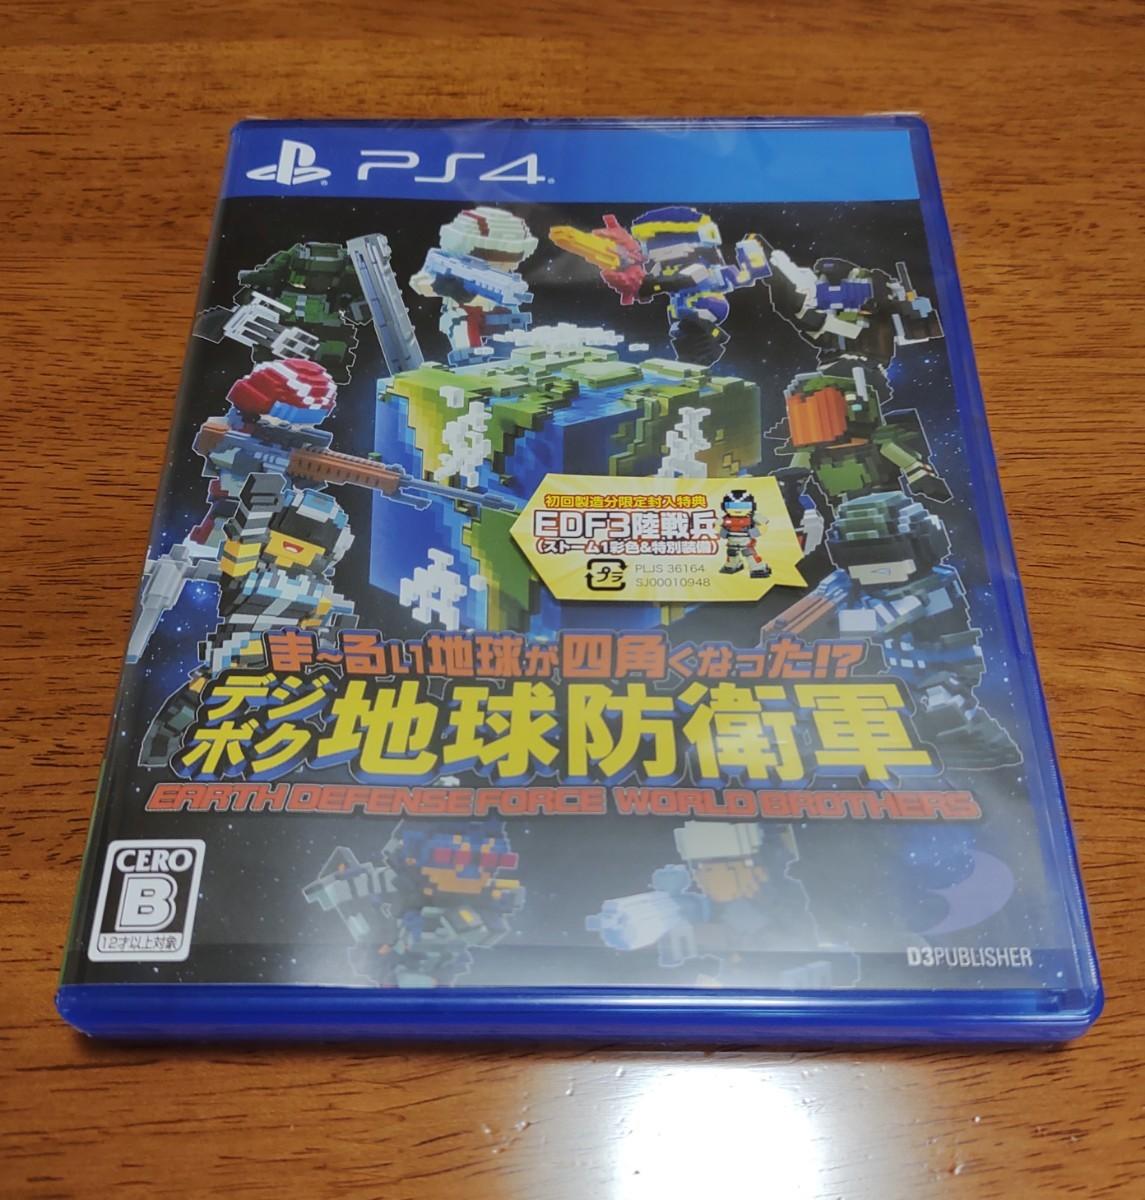 PS4 デジボク地球防衛軍 ソフト edf 中古 美品 初回特典コード付き